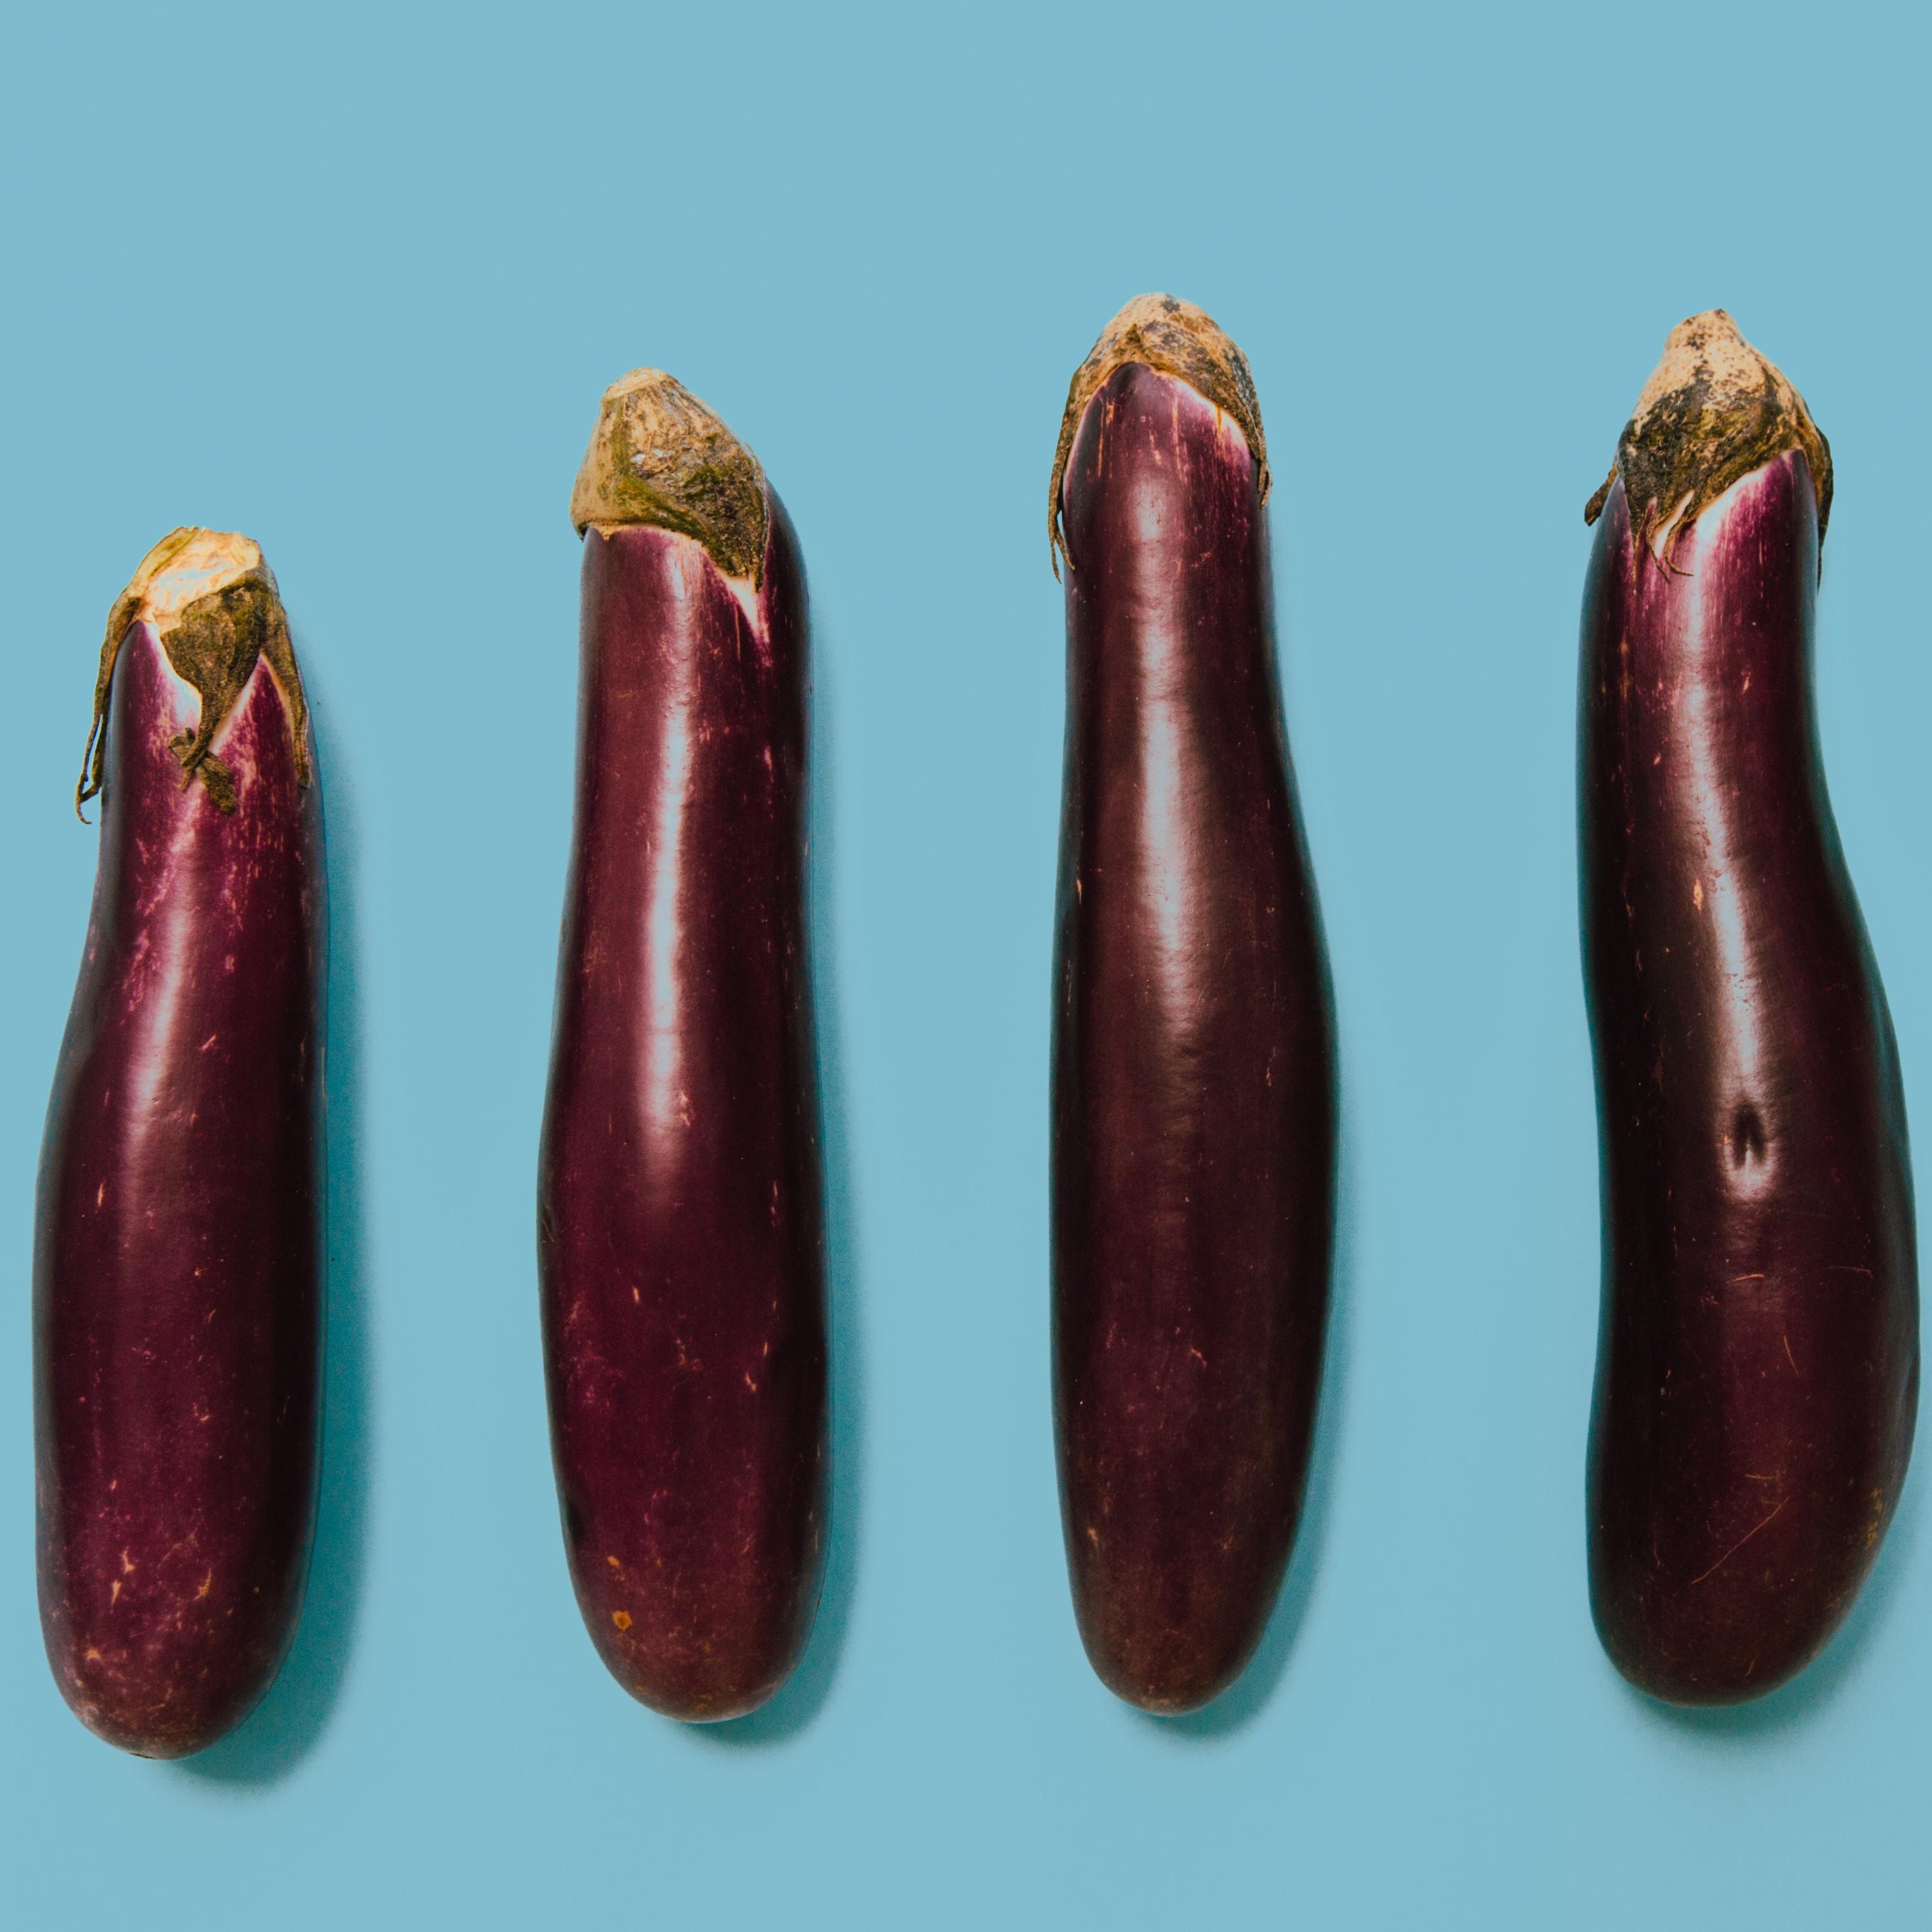 la ce oră crește penisul cu o erecție mijloace ieftine pentru a îmbunătăți erecția